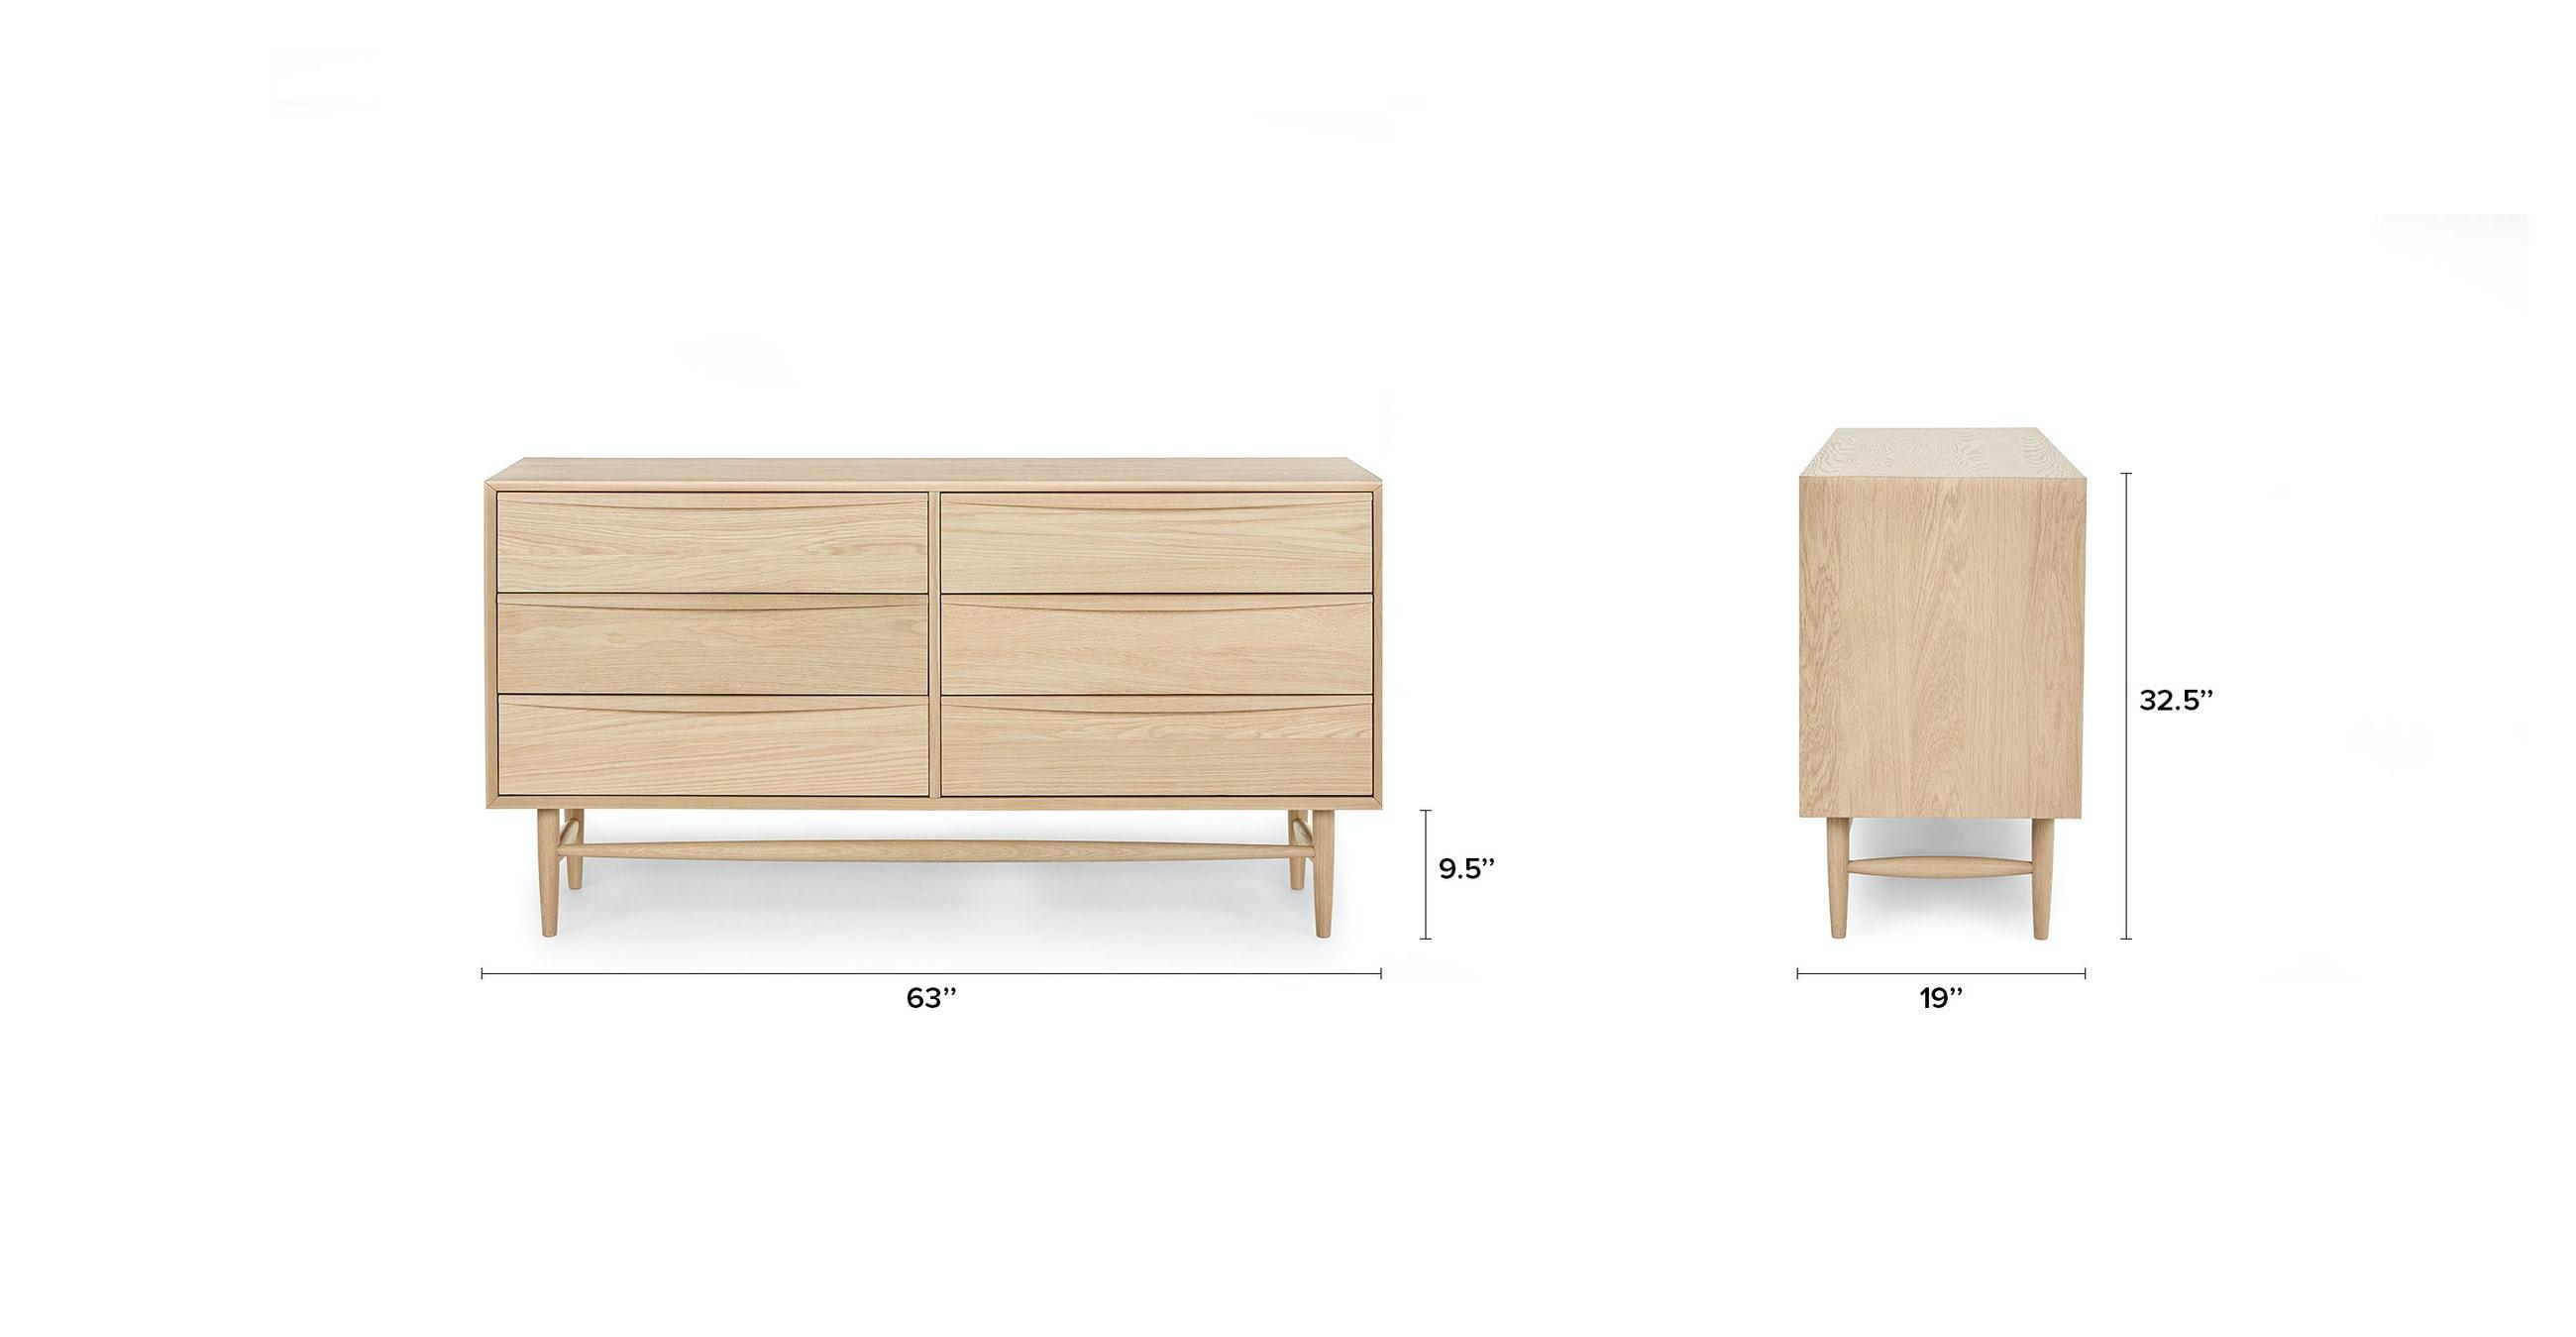 Lenia White Oak 6 Drawer Double Dresser